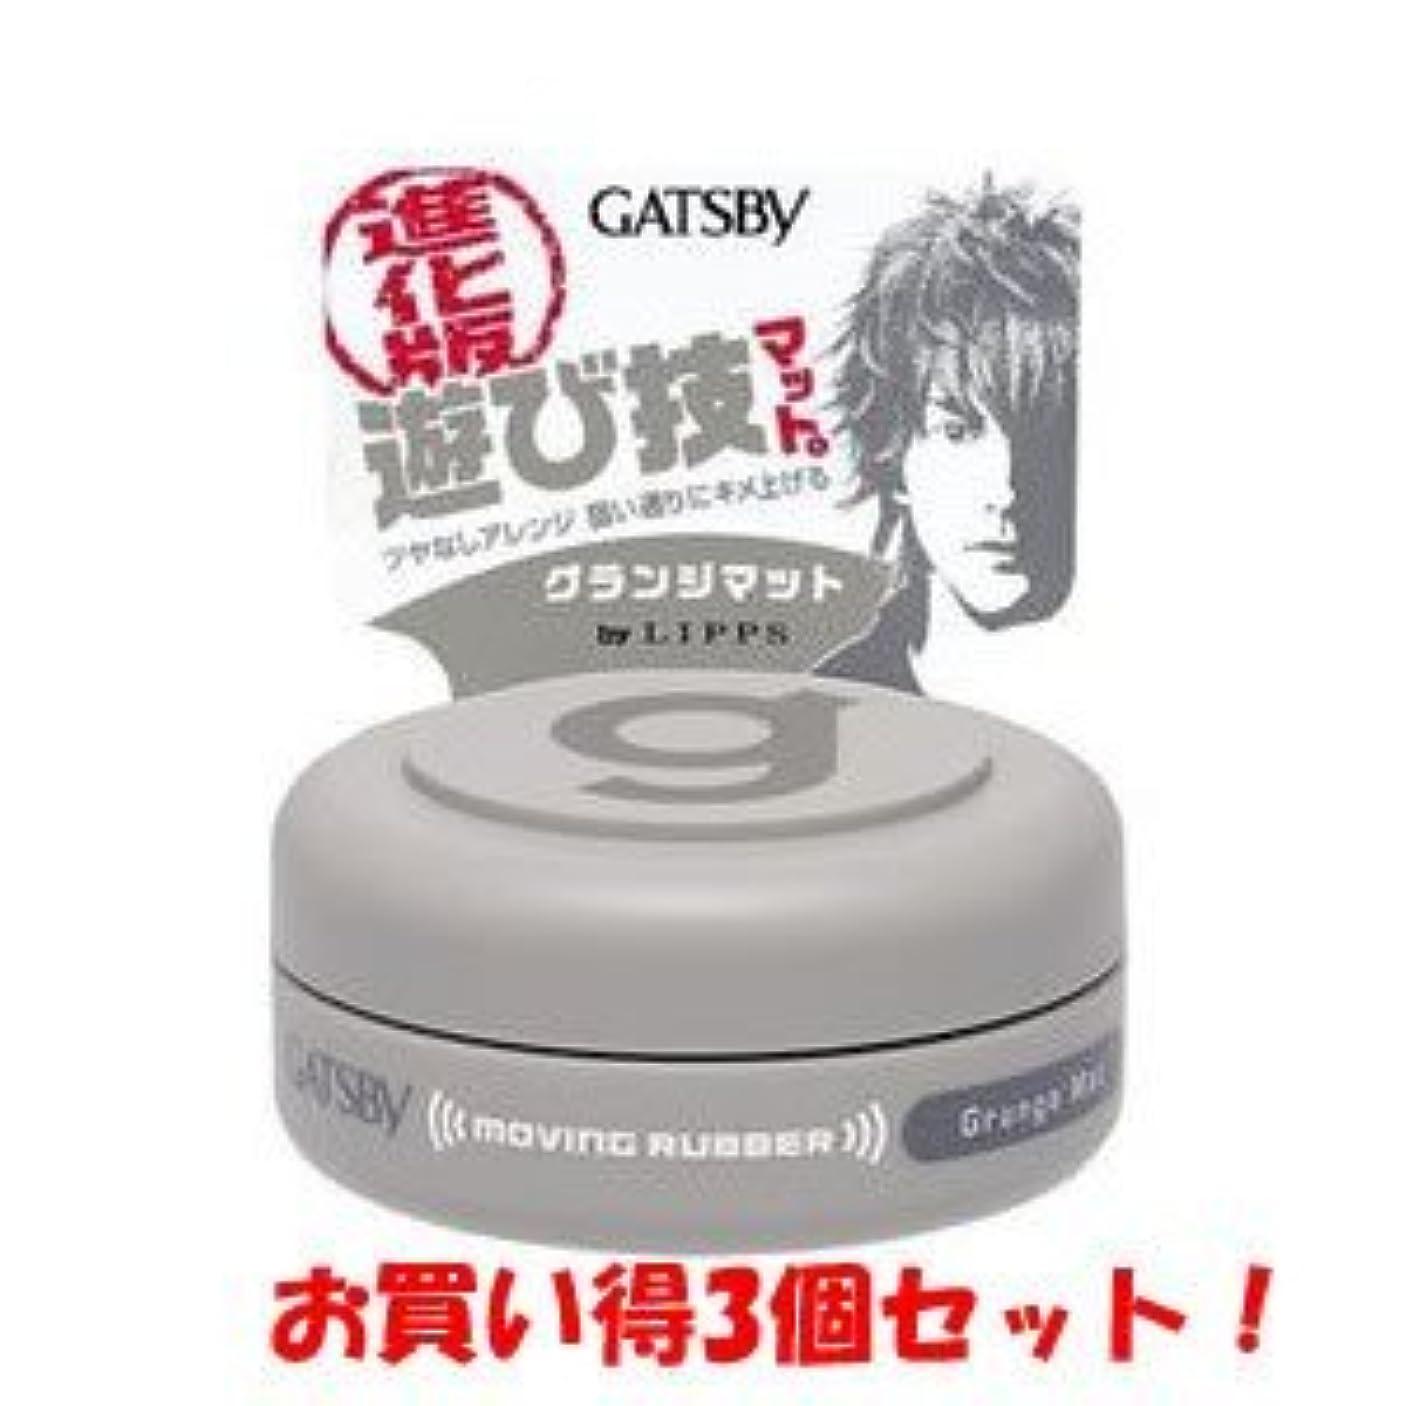 シャイラウンジ可塑性ギャツビー【GATSBY】ムービングラバー グランジマットモバイル 15g(お買い得3個セット)